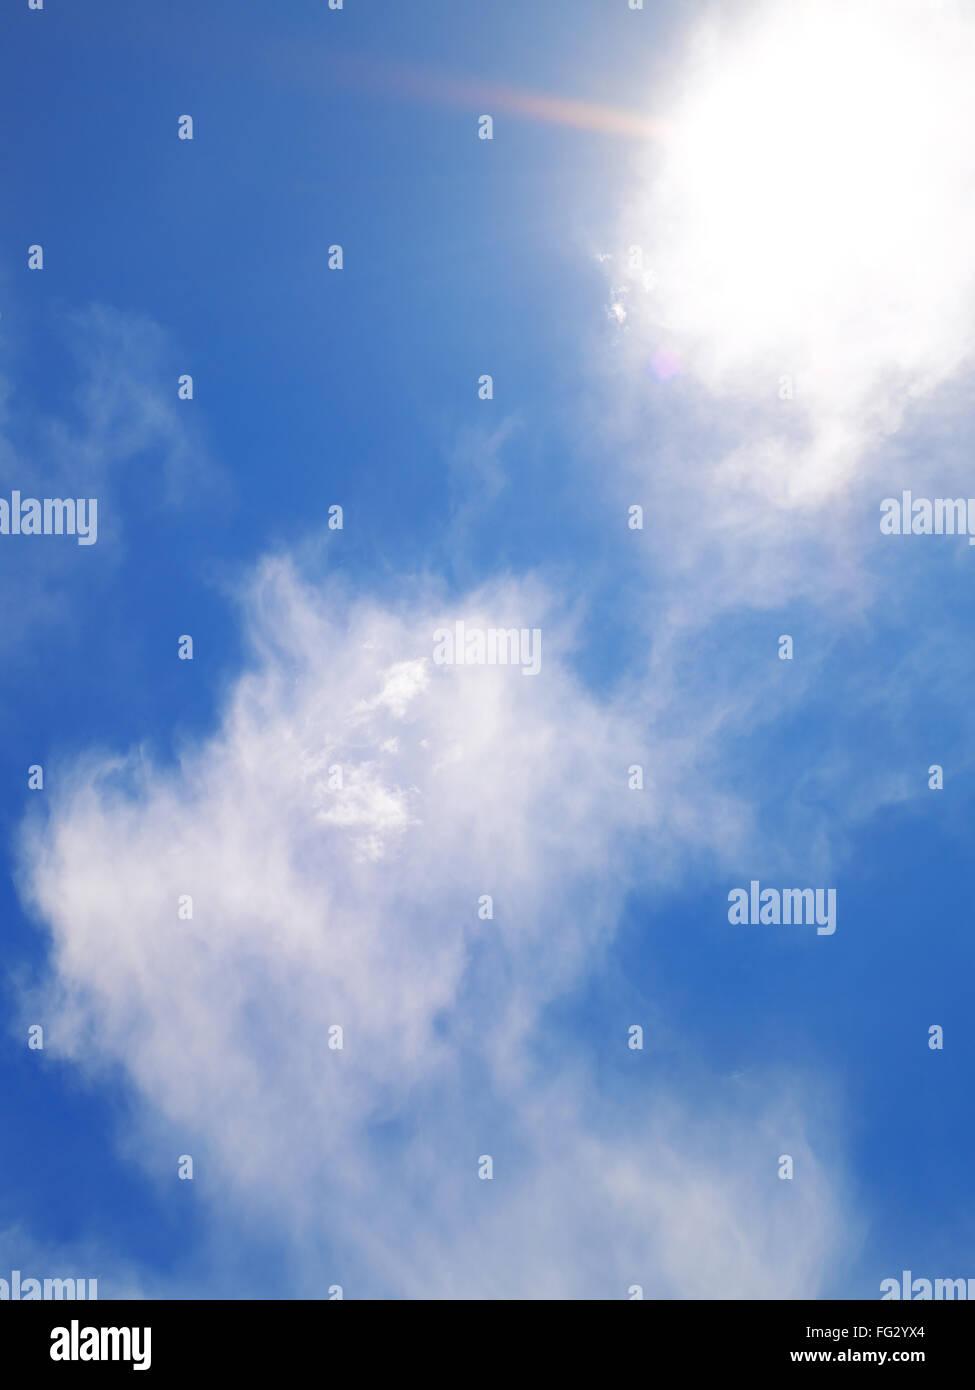 Weiße Wolkenbildung gegen blauen Himmel Stockbild